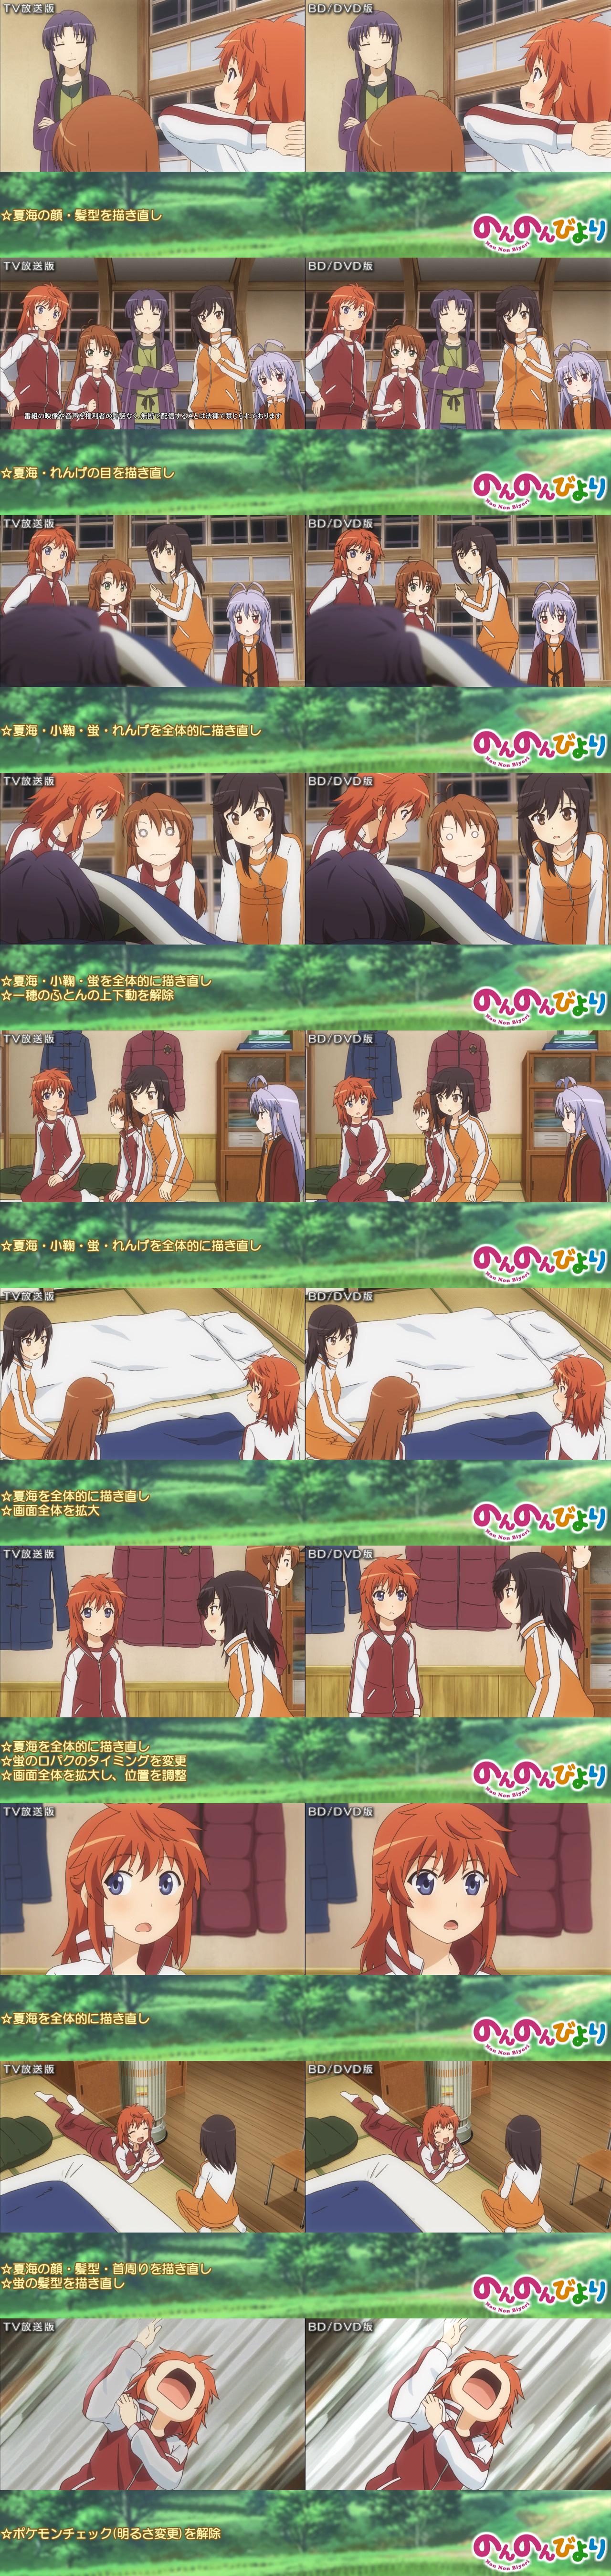 Non-Non-Biyori-TV-and-Blu-ray-Comparisons-Episode-11-1